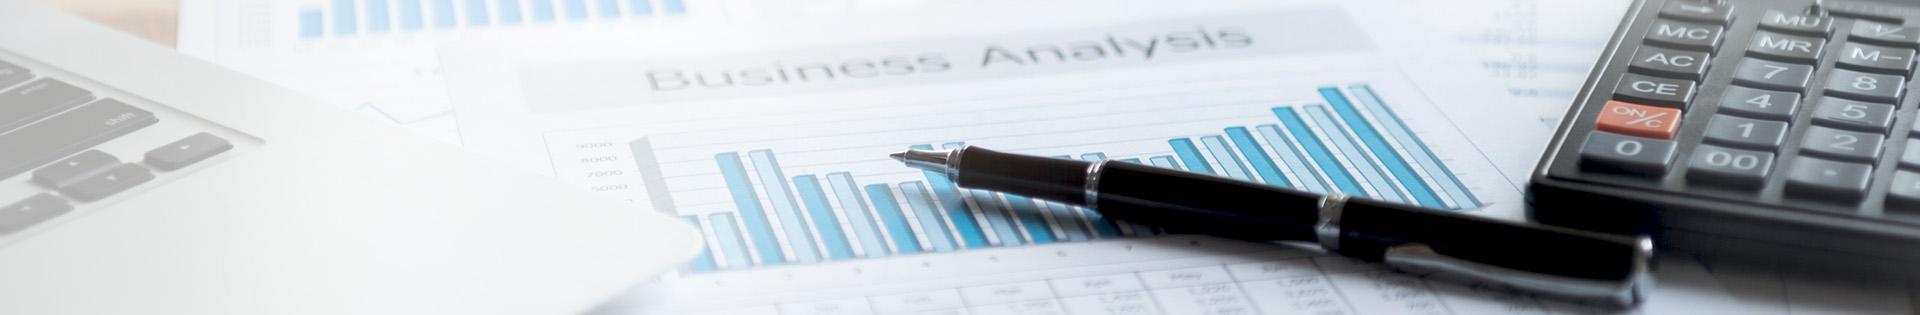 Analityka biznesowa - banner